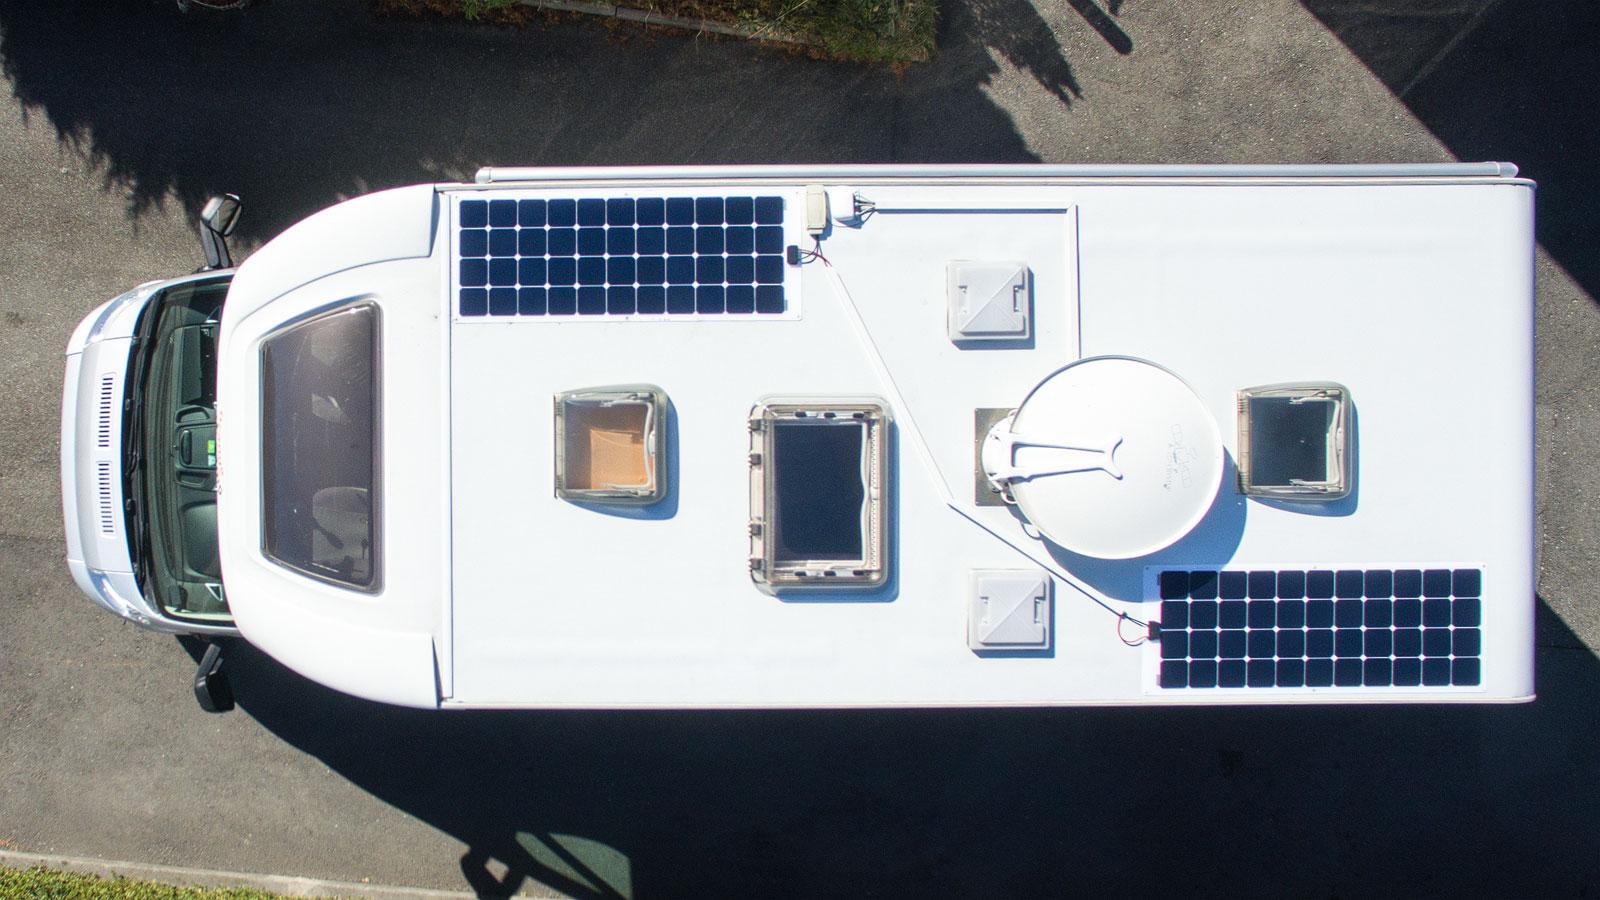 kabel f r solaranlage im carado orangecamp verlegen. Black Bedroom Furniture Sets. Home Design Ideas